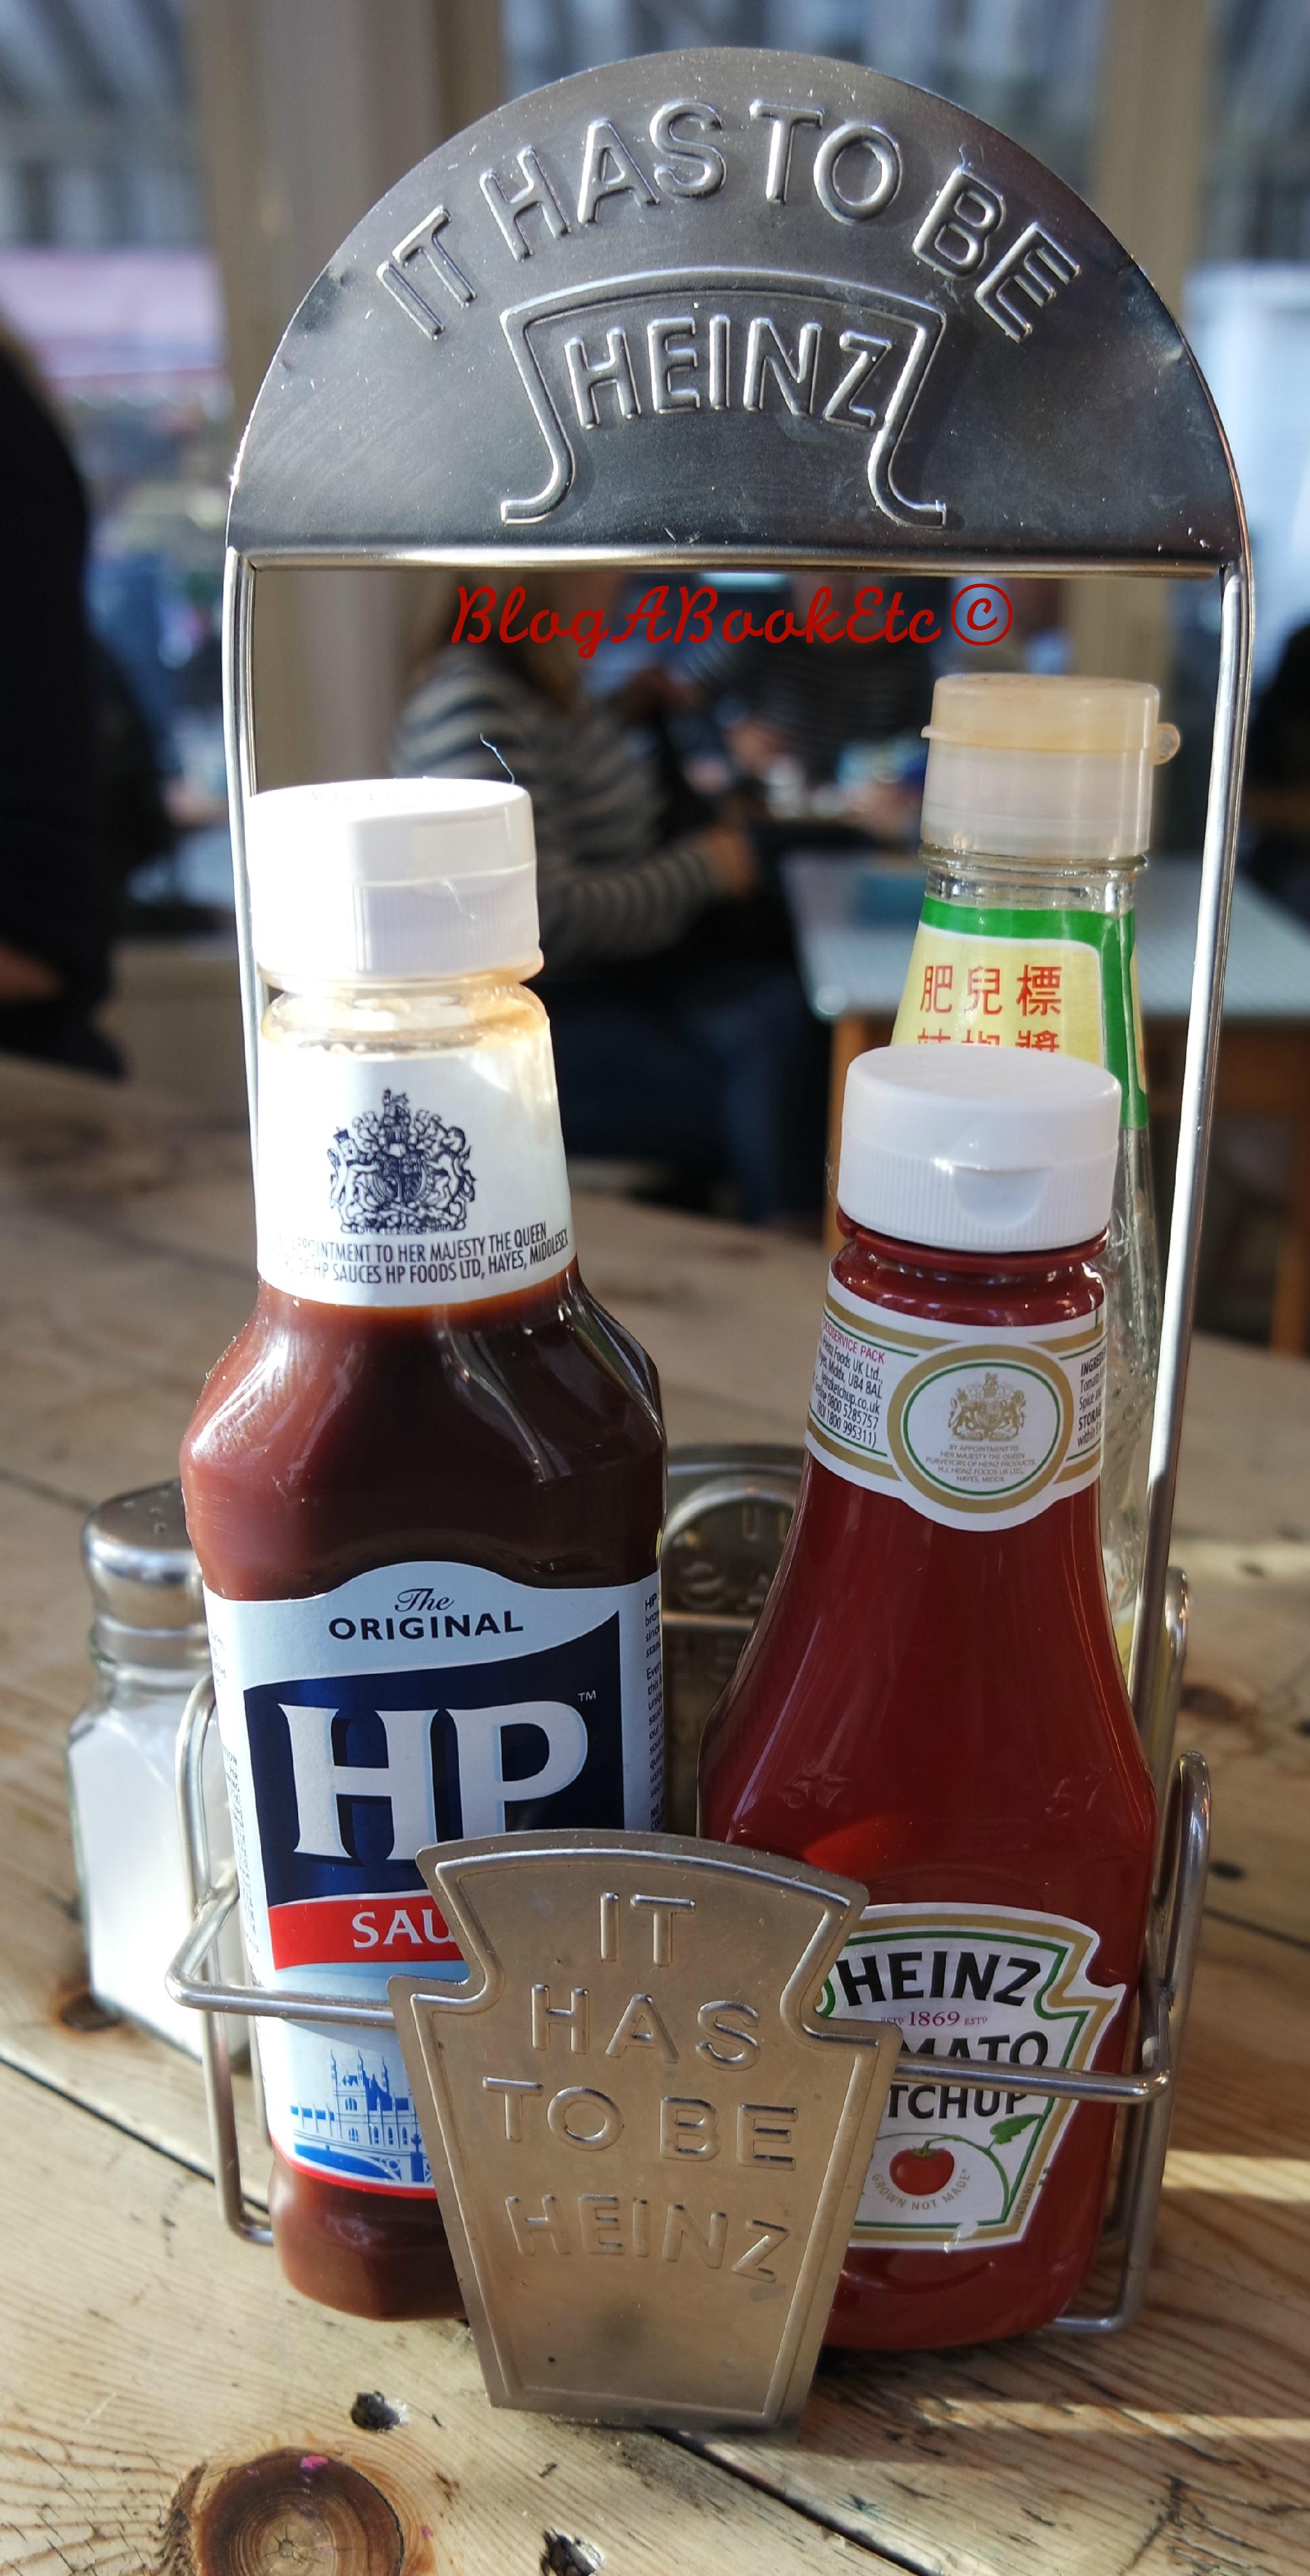 M1LK, Sauces, Heinz, HP, Red Sauce, Brown Sauce, Breakfast, Balham, London, Blog A Book Etc, Fay